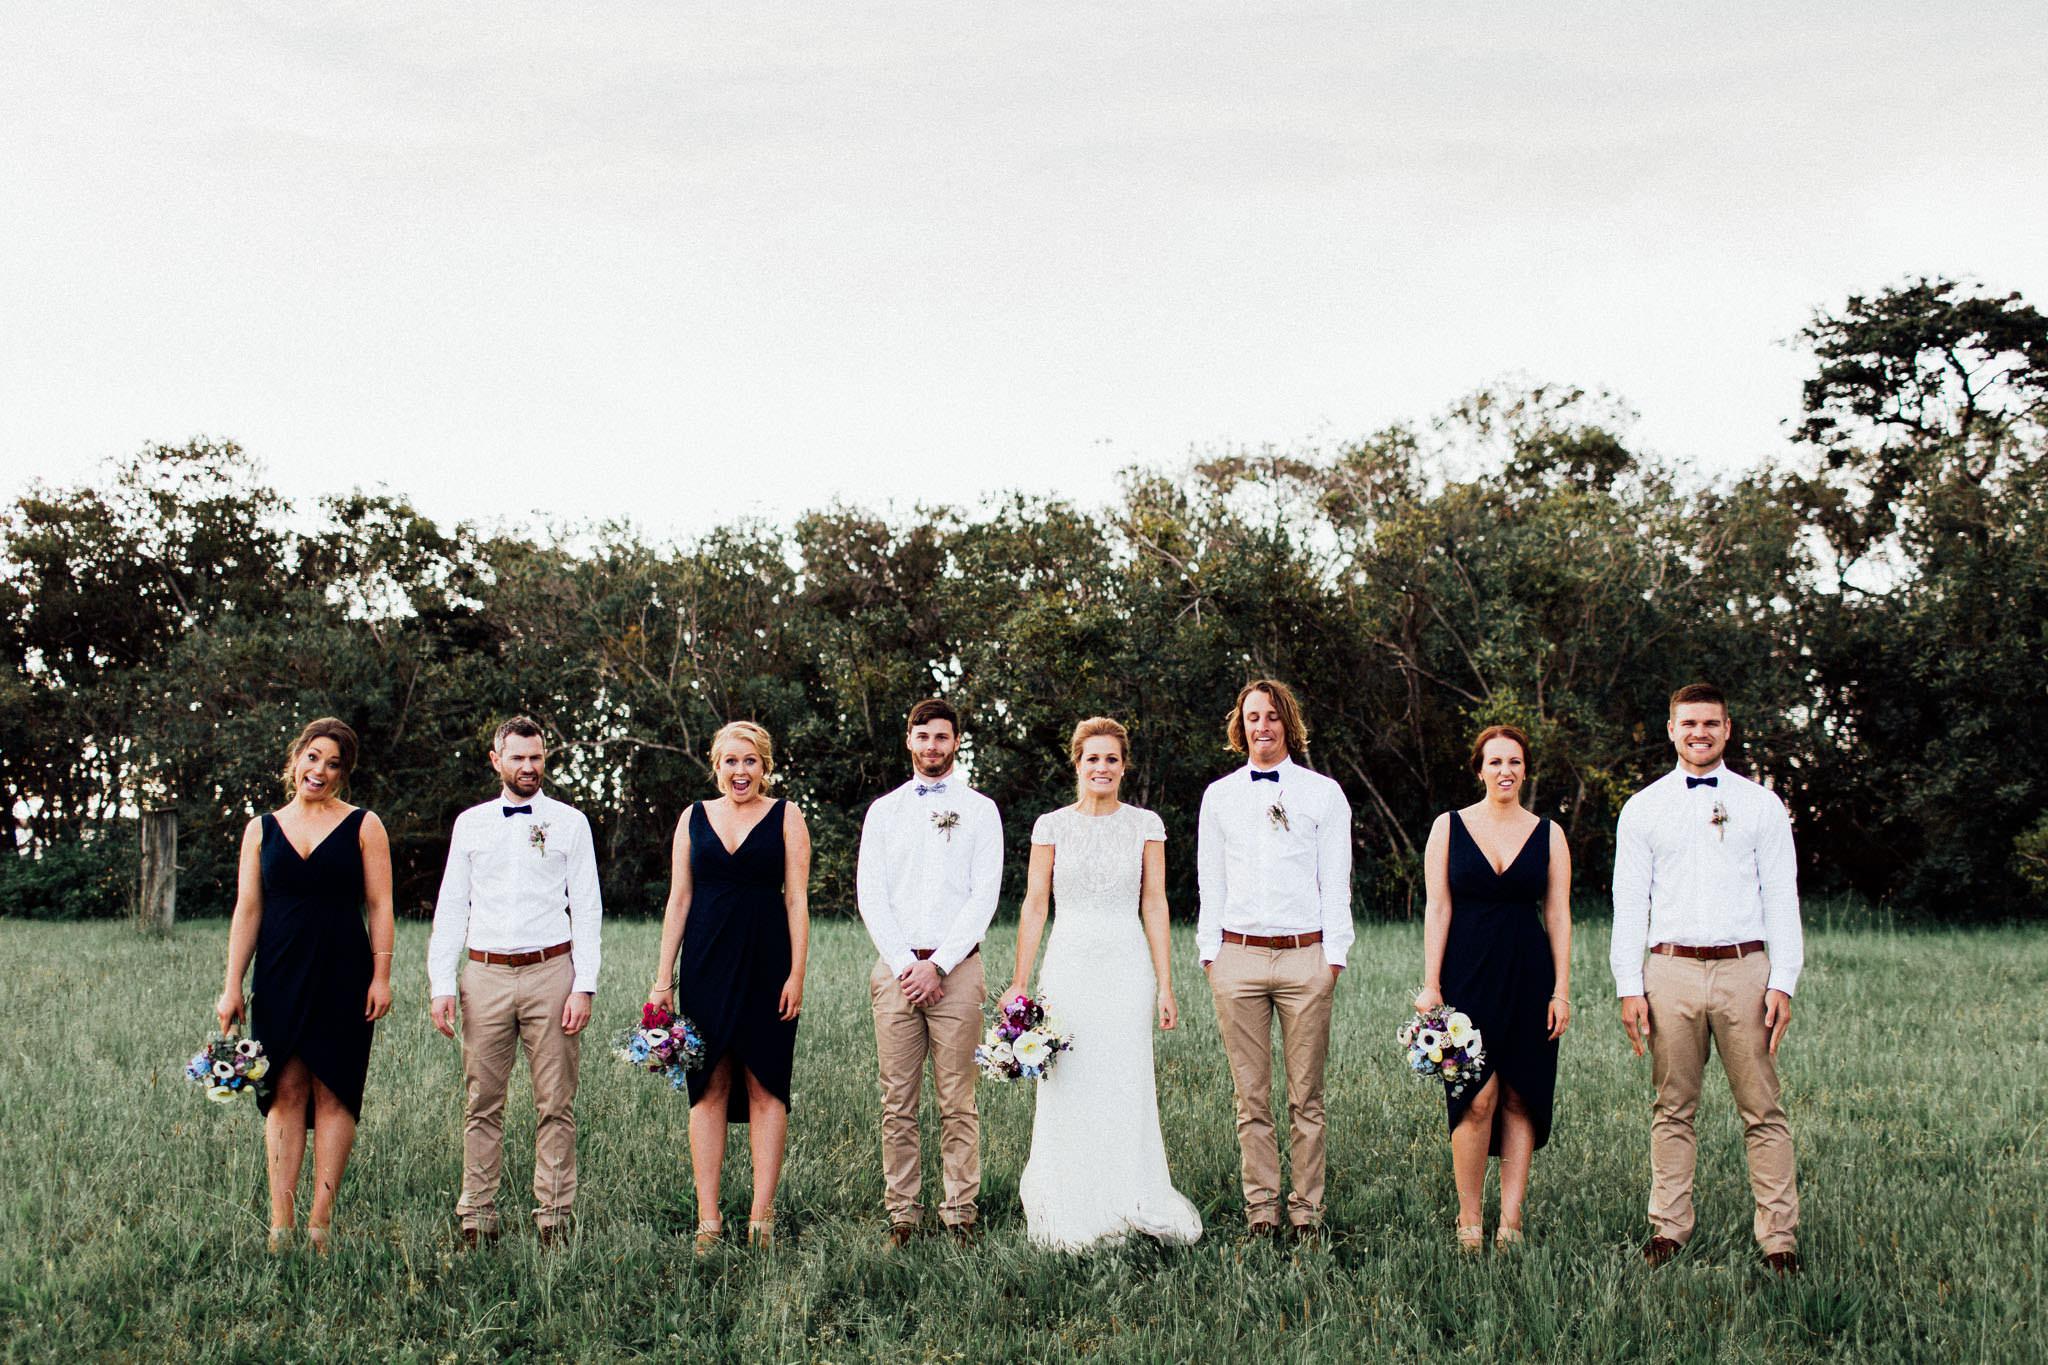 WeddingPhotos_Facebook_2048pixels-1476.jpg